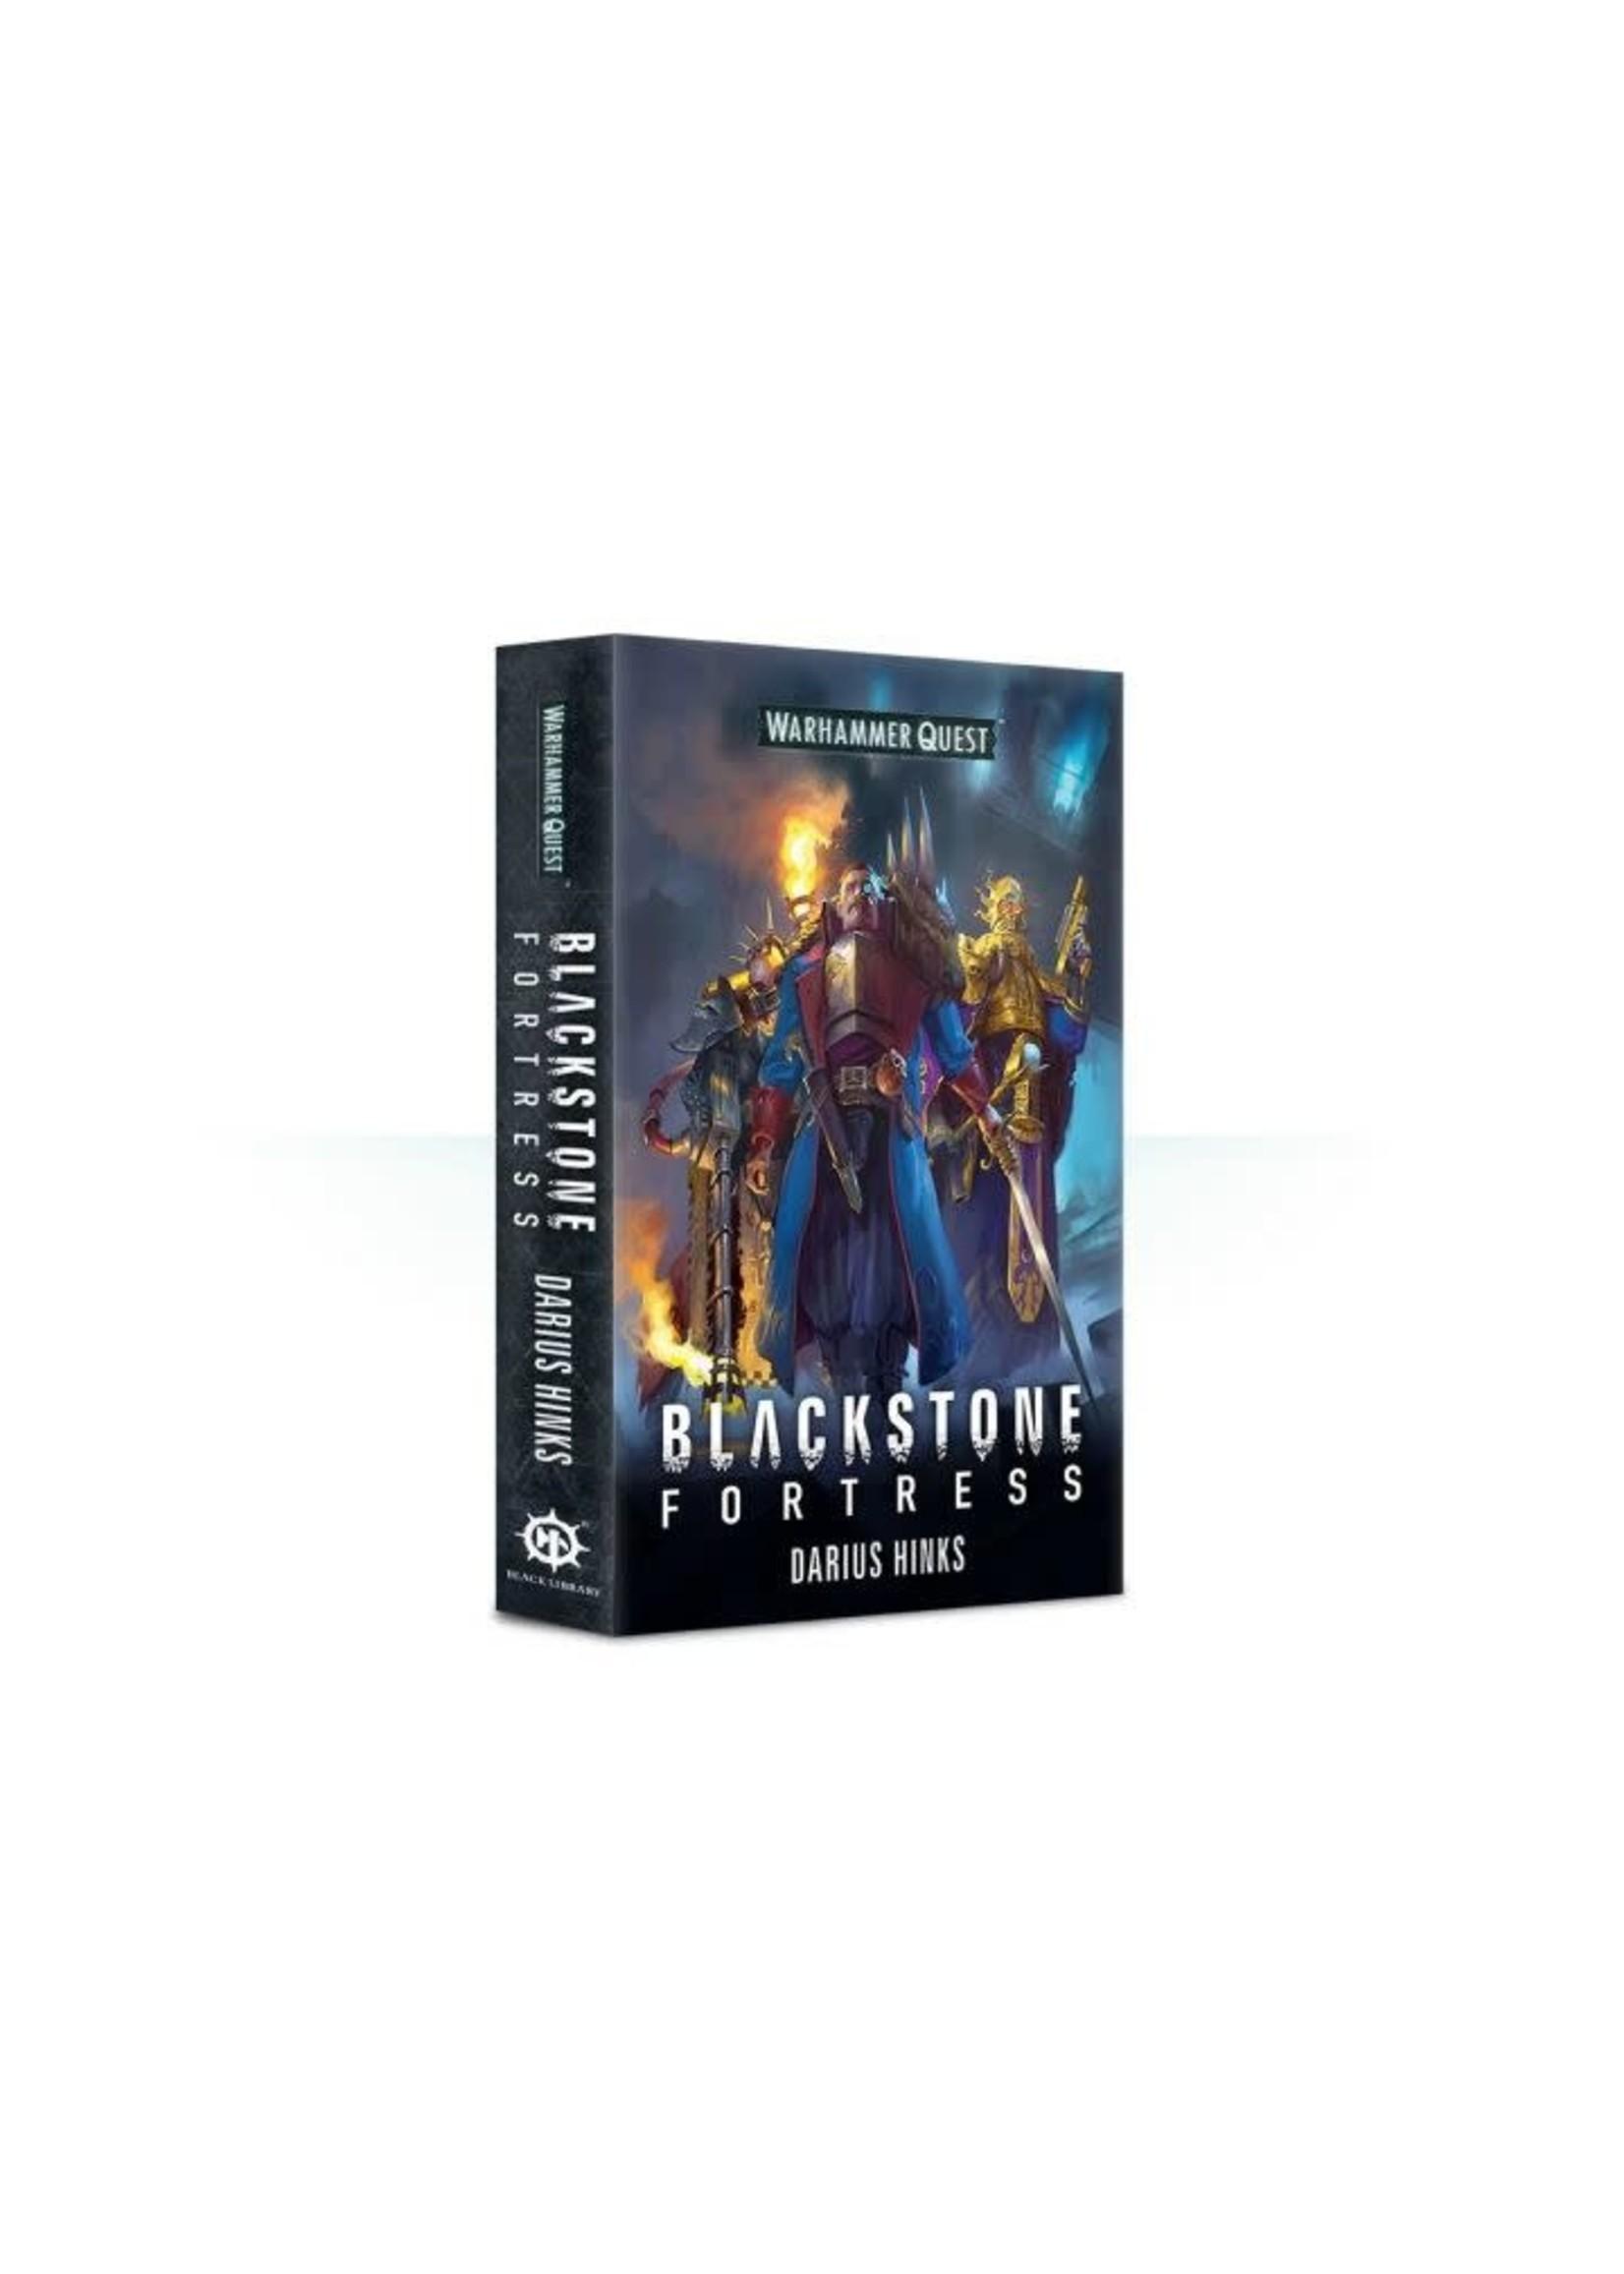 Blackstone Fortress (Pb) Bl2663